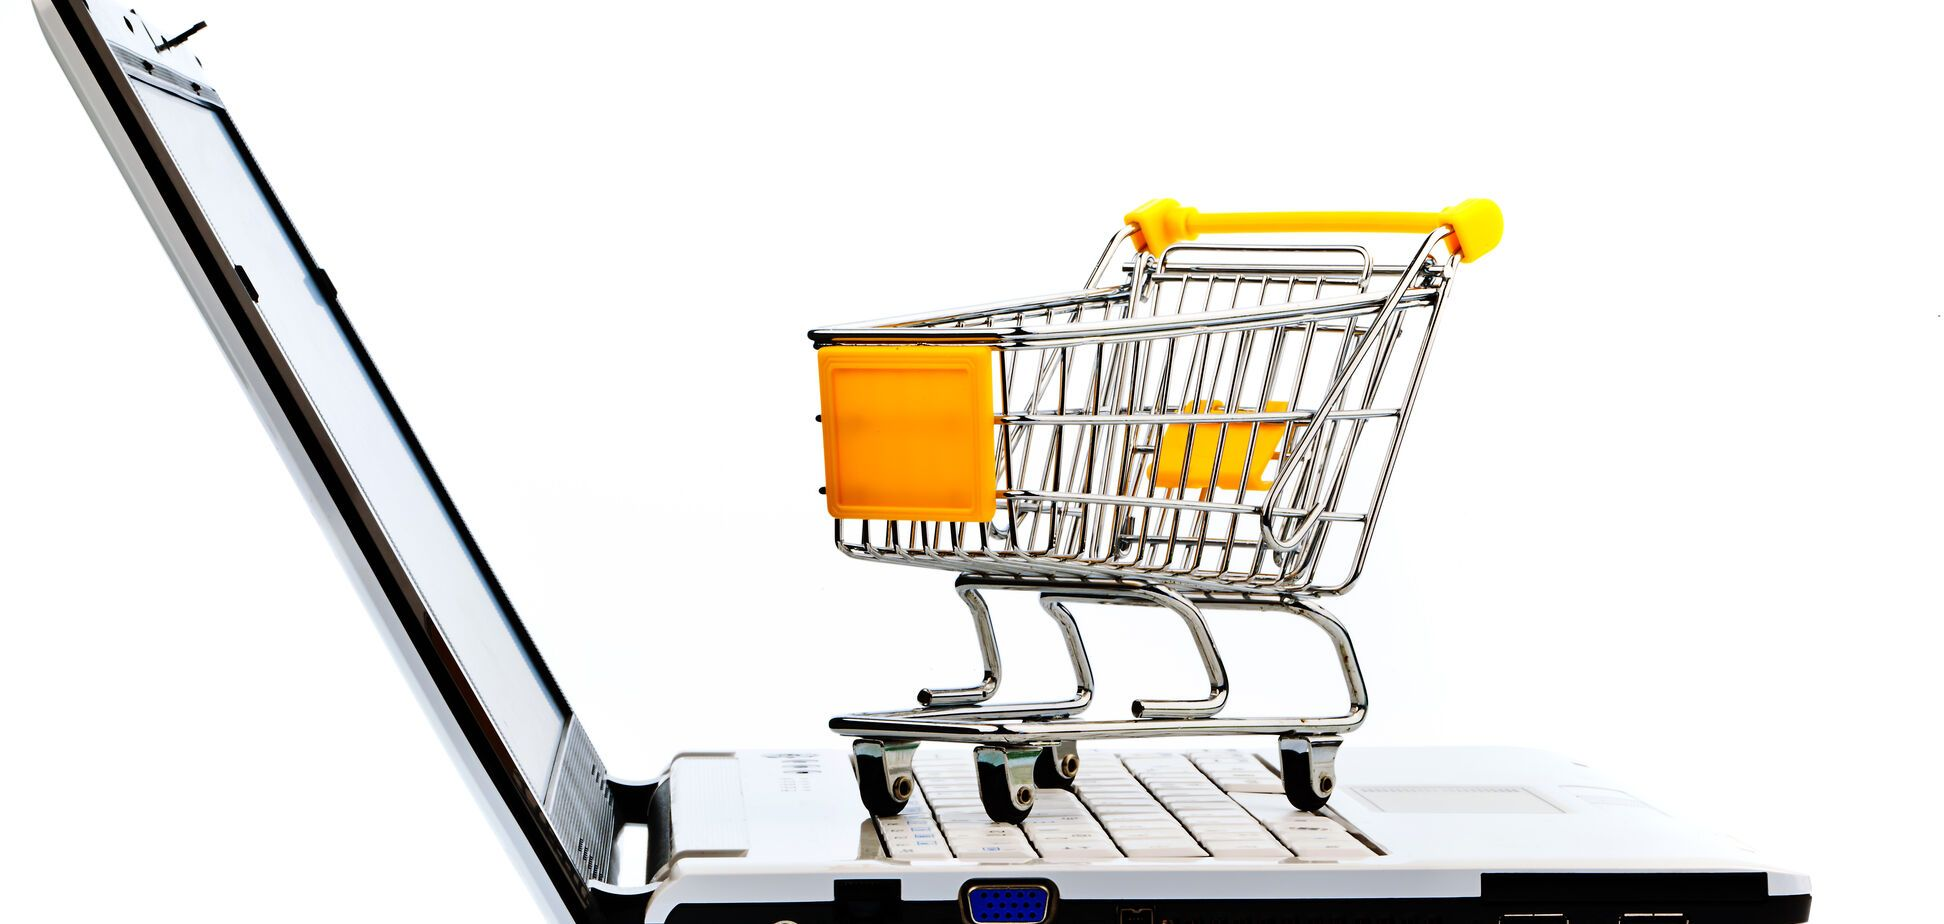 Покупаете в интернет-магазинах? Украинцев предупредили о новой афере в сети